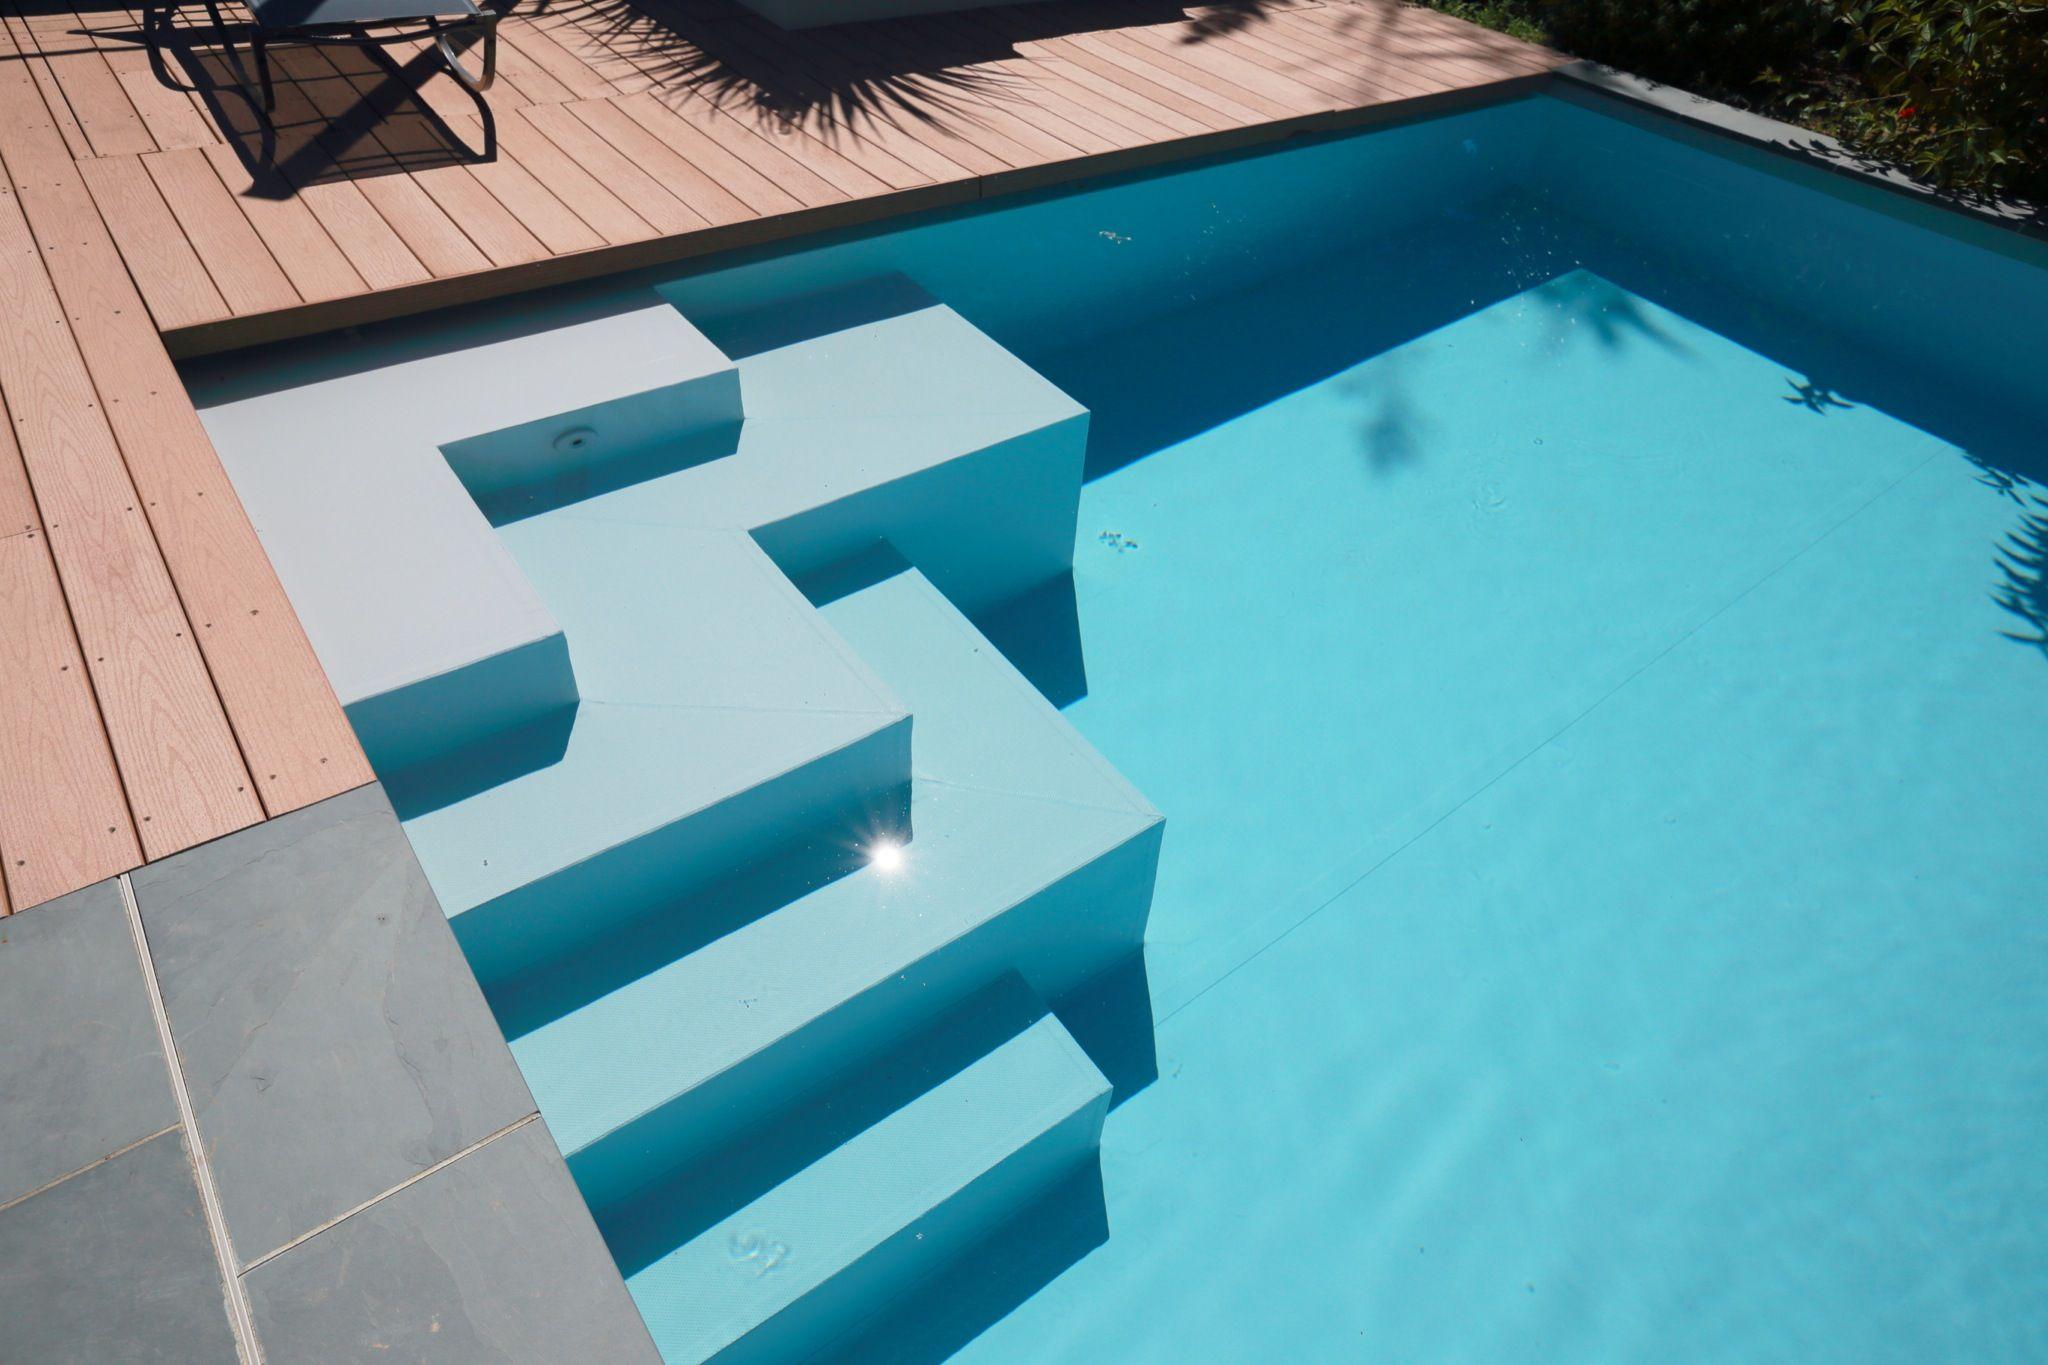 L 39 esprit familial par l 39 esprit piscine 10 75 x 5m - Plage piscine pierre naturelle ...